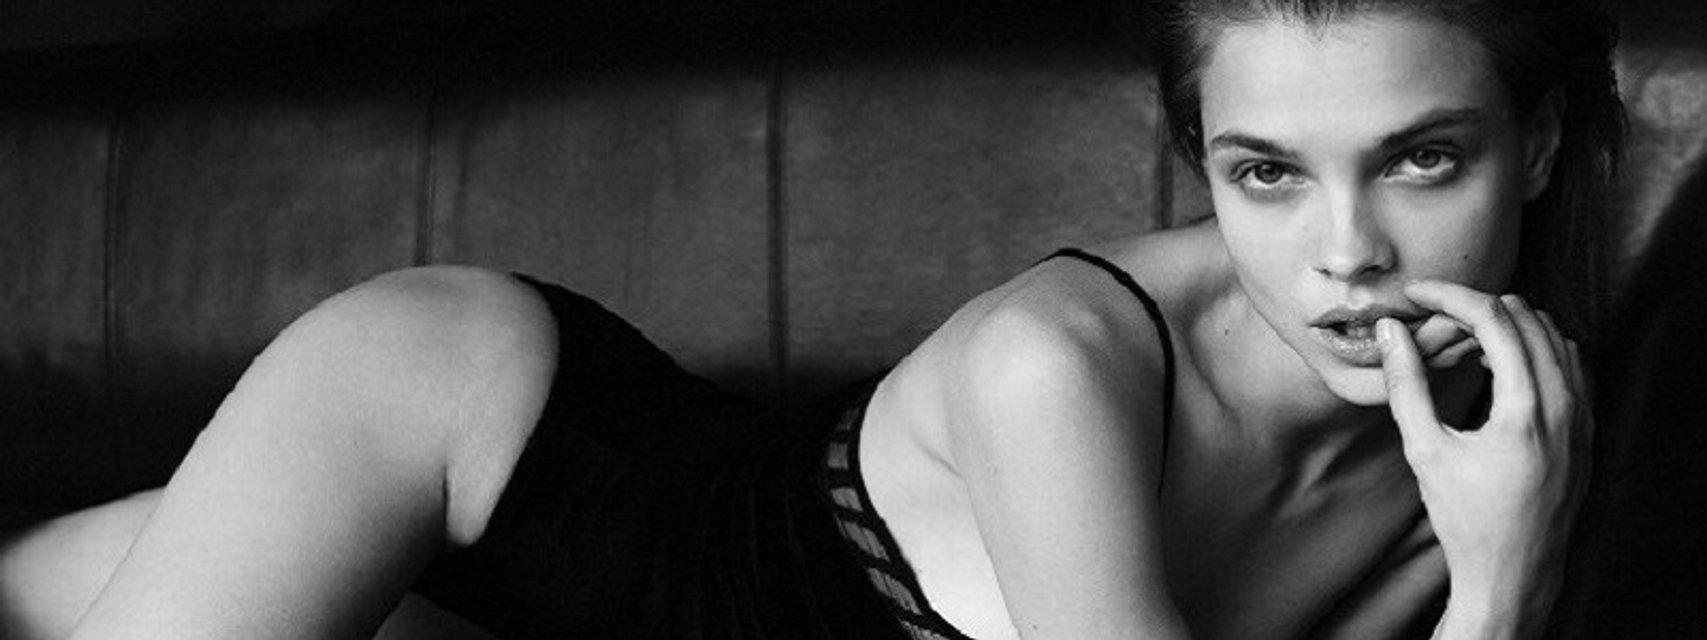 Впервые в истории: украинская модель Дарья Хлистун стала ангелом Victoria's Secret (ФОТО) - фото 69466